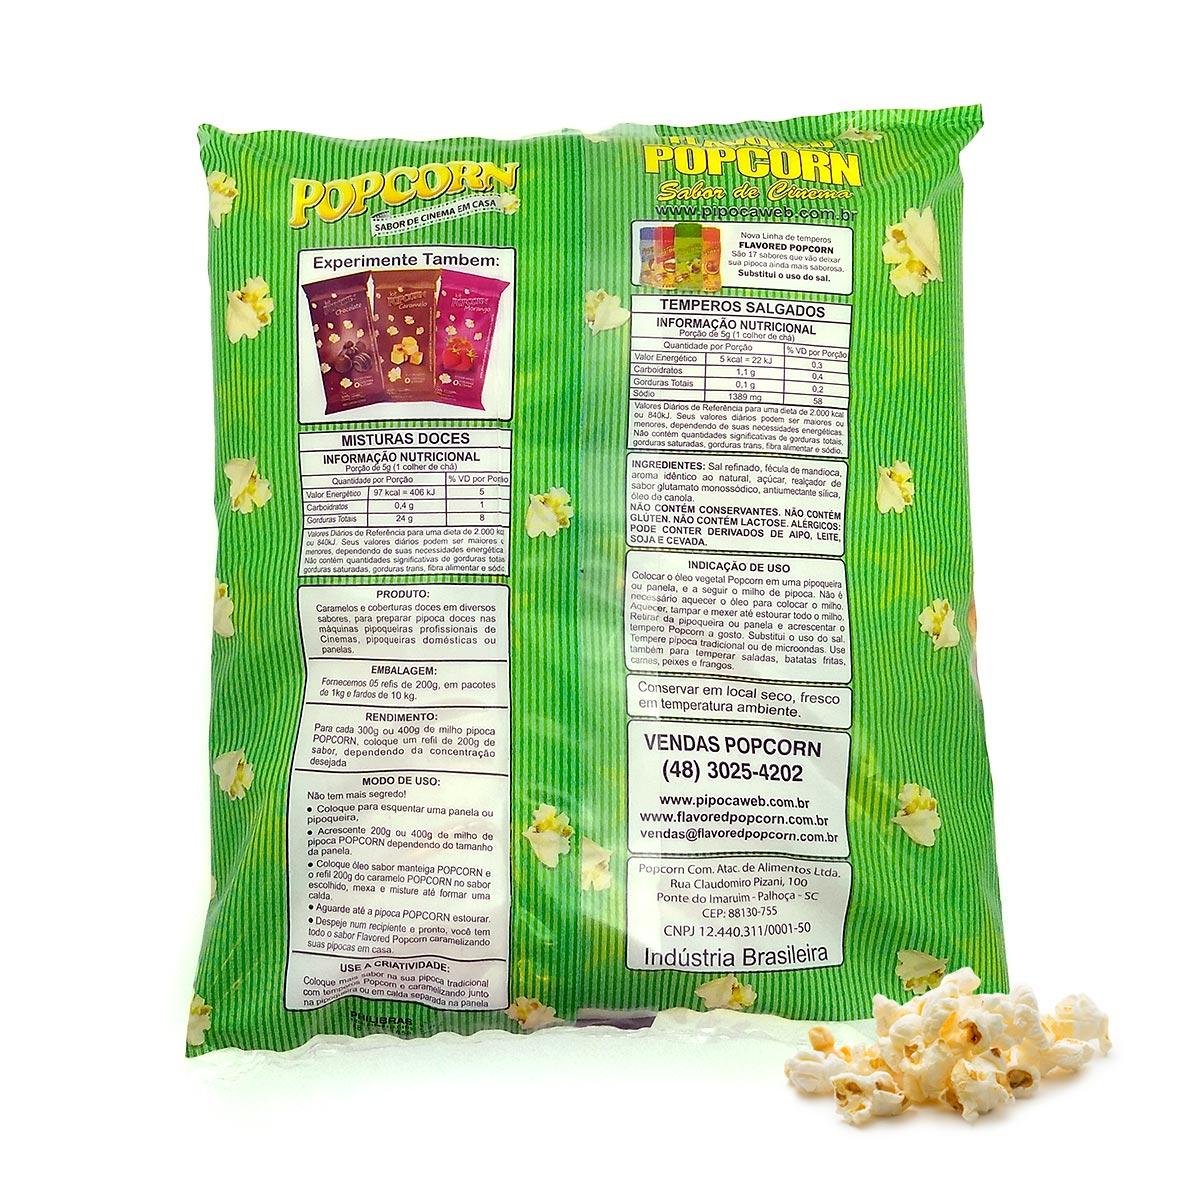 Sabores p/ caramelizar Pipoca Doce - Canela - 1kg